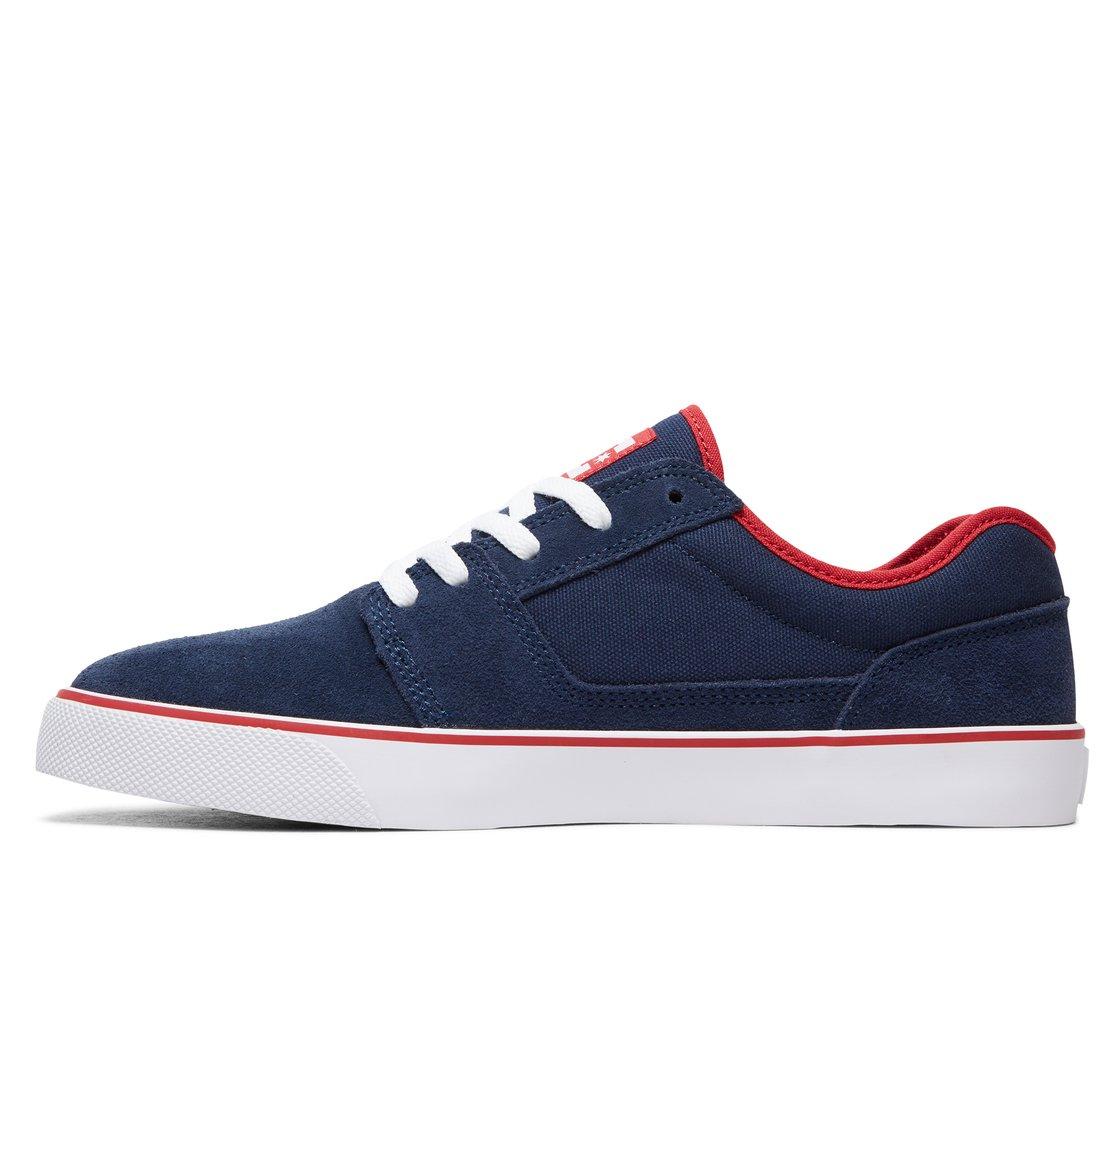 DC schuhe™ Tonik - Schuhe für Männer Männer Männer 302905 db9977